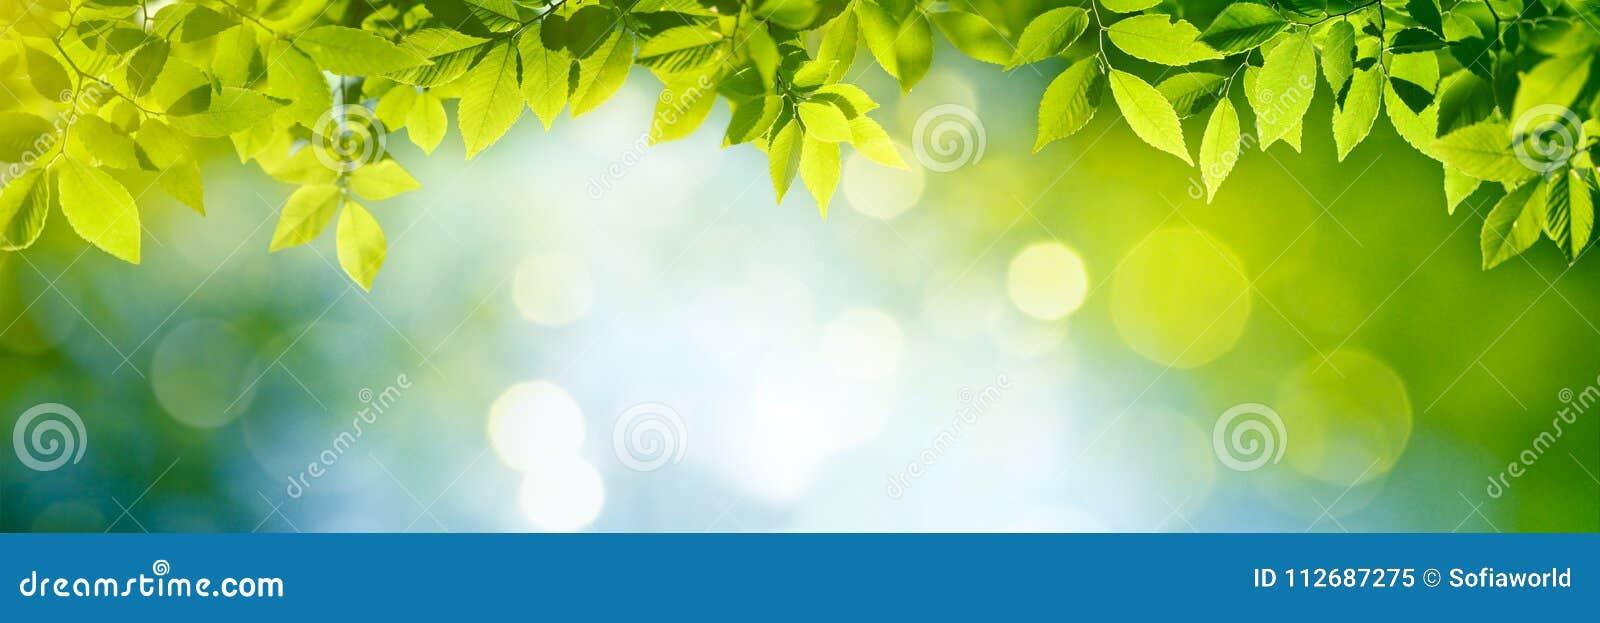 Verse en Groene Bladeren